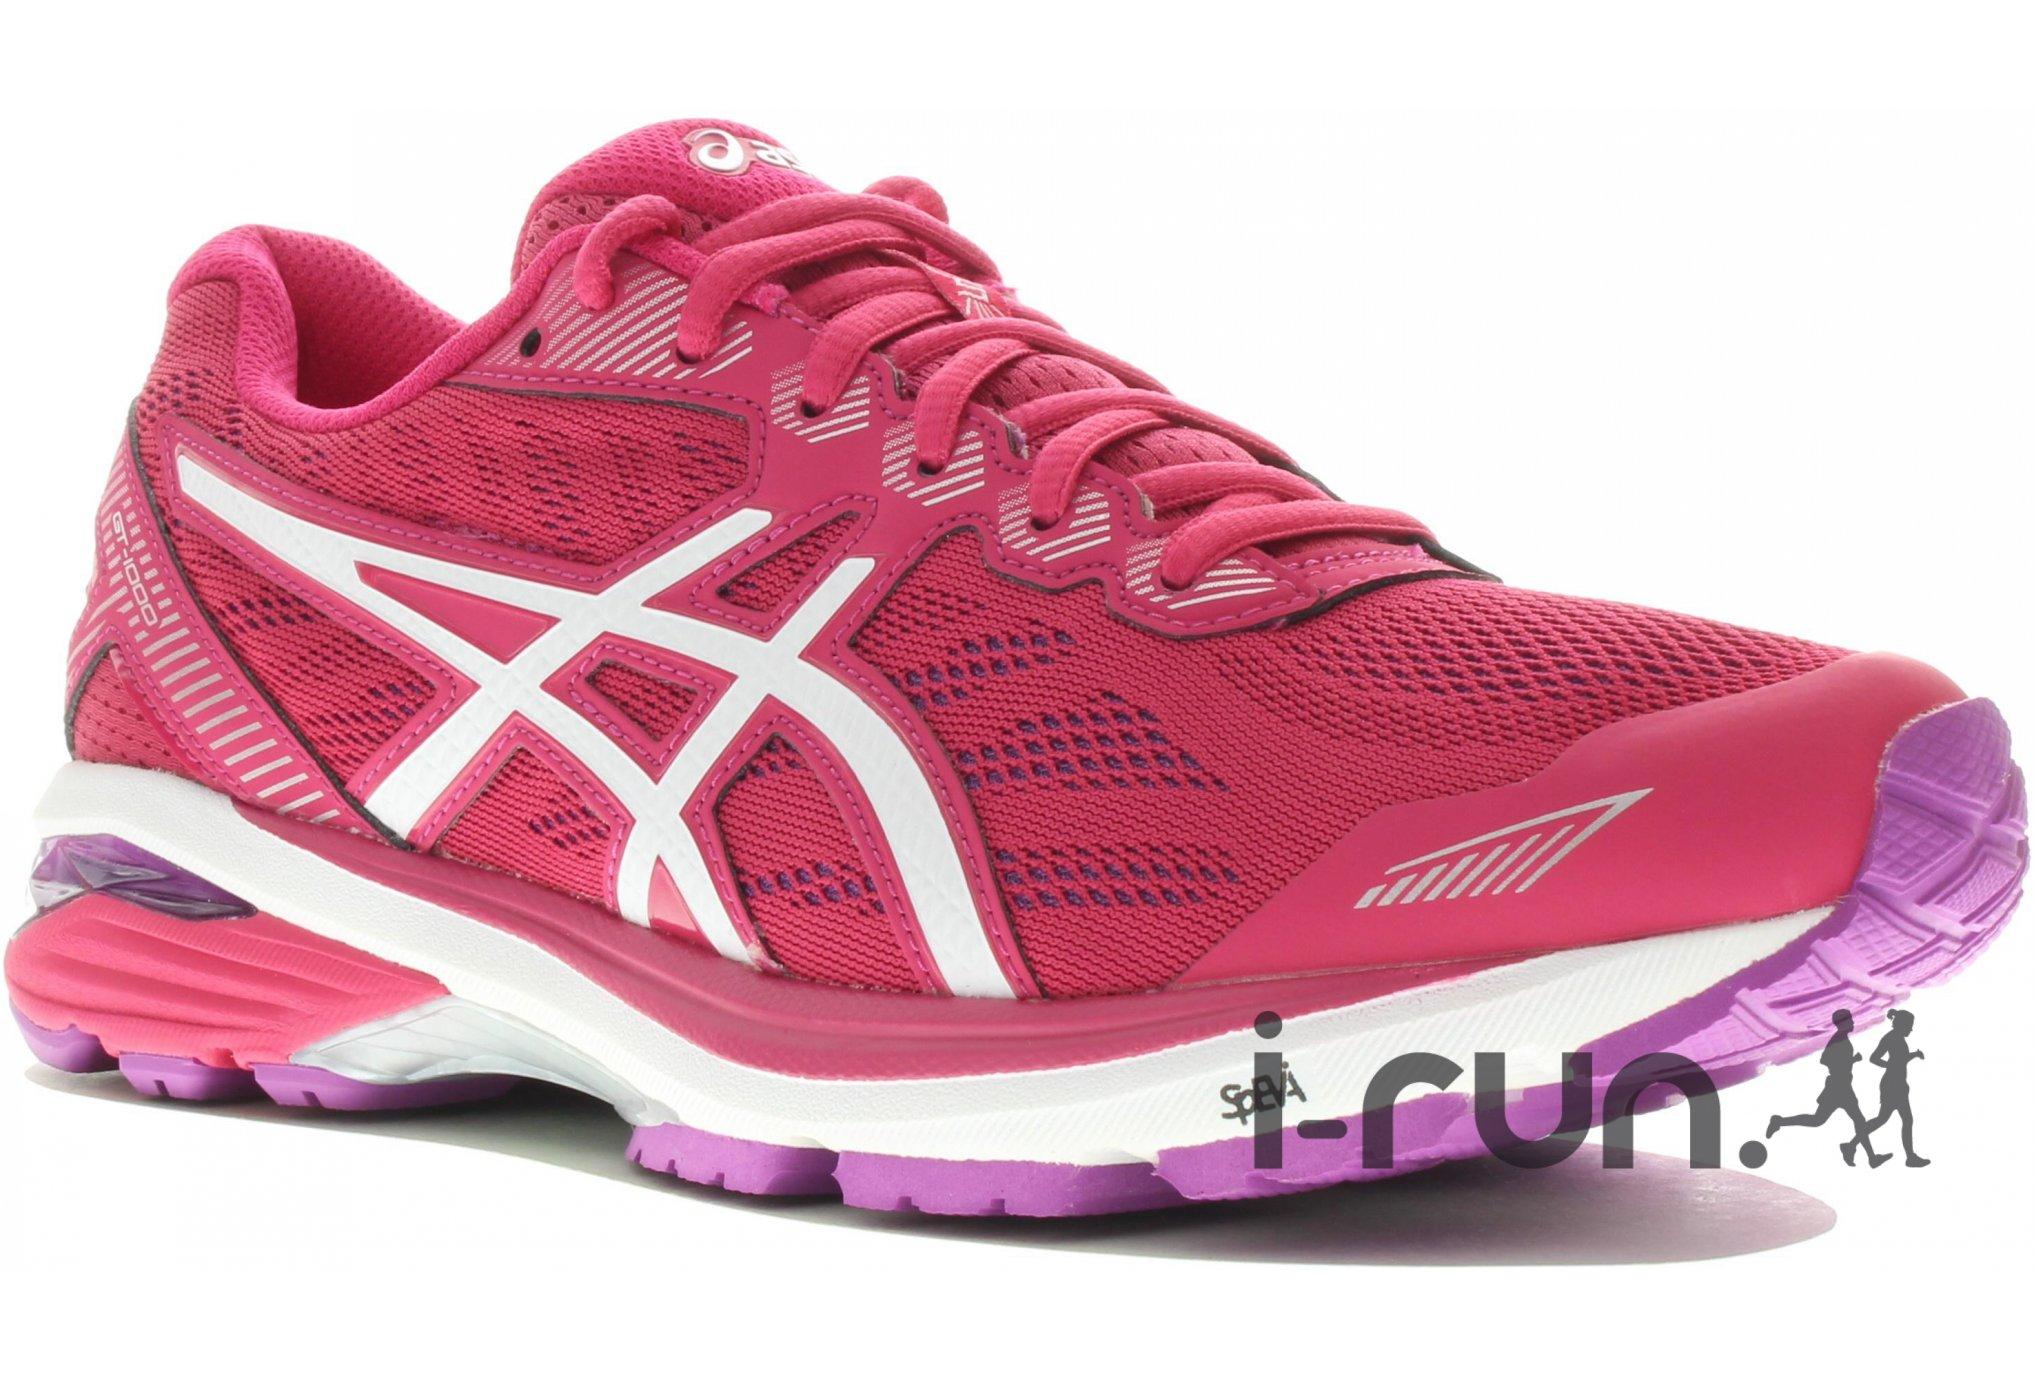 Asics GT 1000 5 W Chaussures running femme